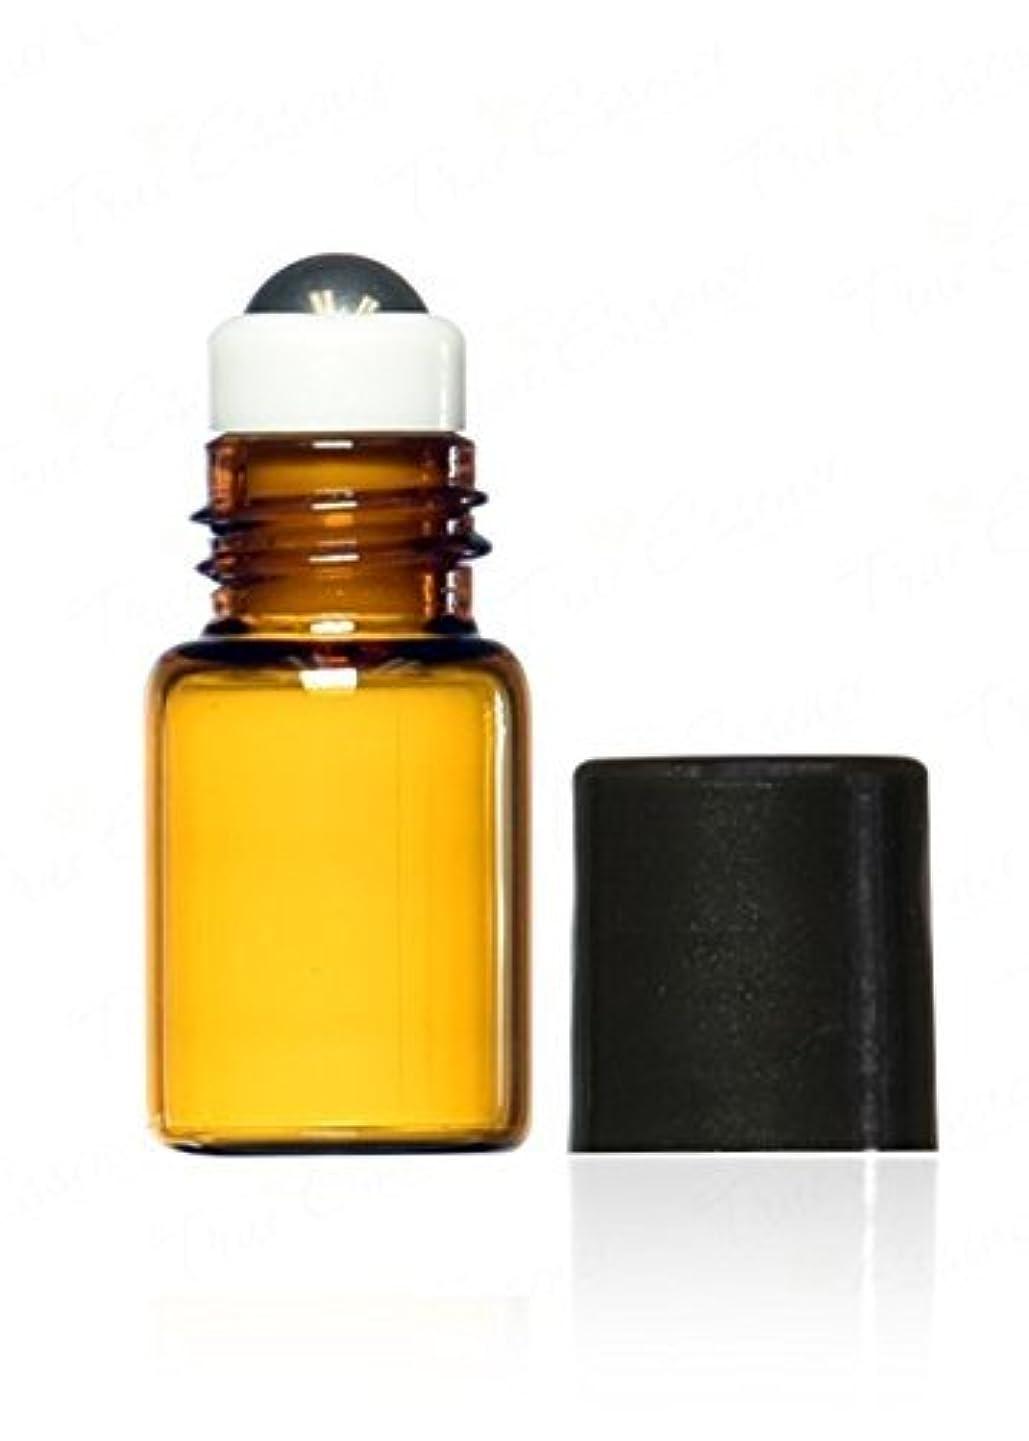 擁する苦難飾るTrue Essence 3 ml, 3/4 Dram Amber Glass Mini Roll-on Glass Bottles with Metal Roller Balls - Refillable Aromatherapy Essential Oil Roll On (12) [並行輸入品]